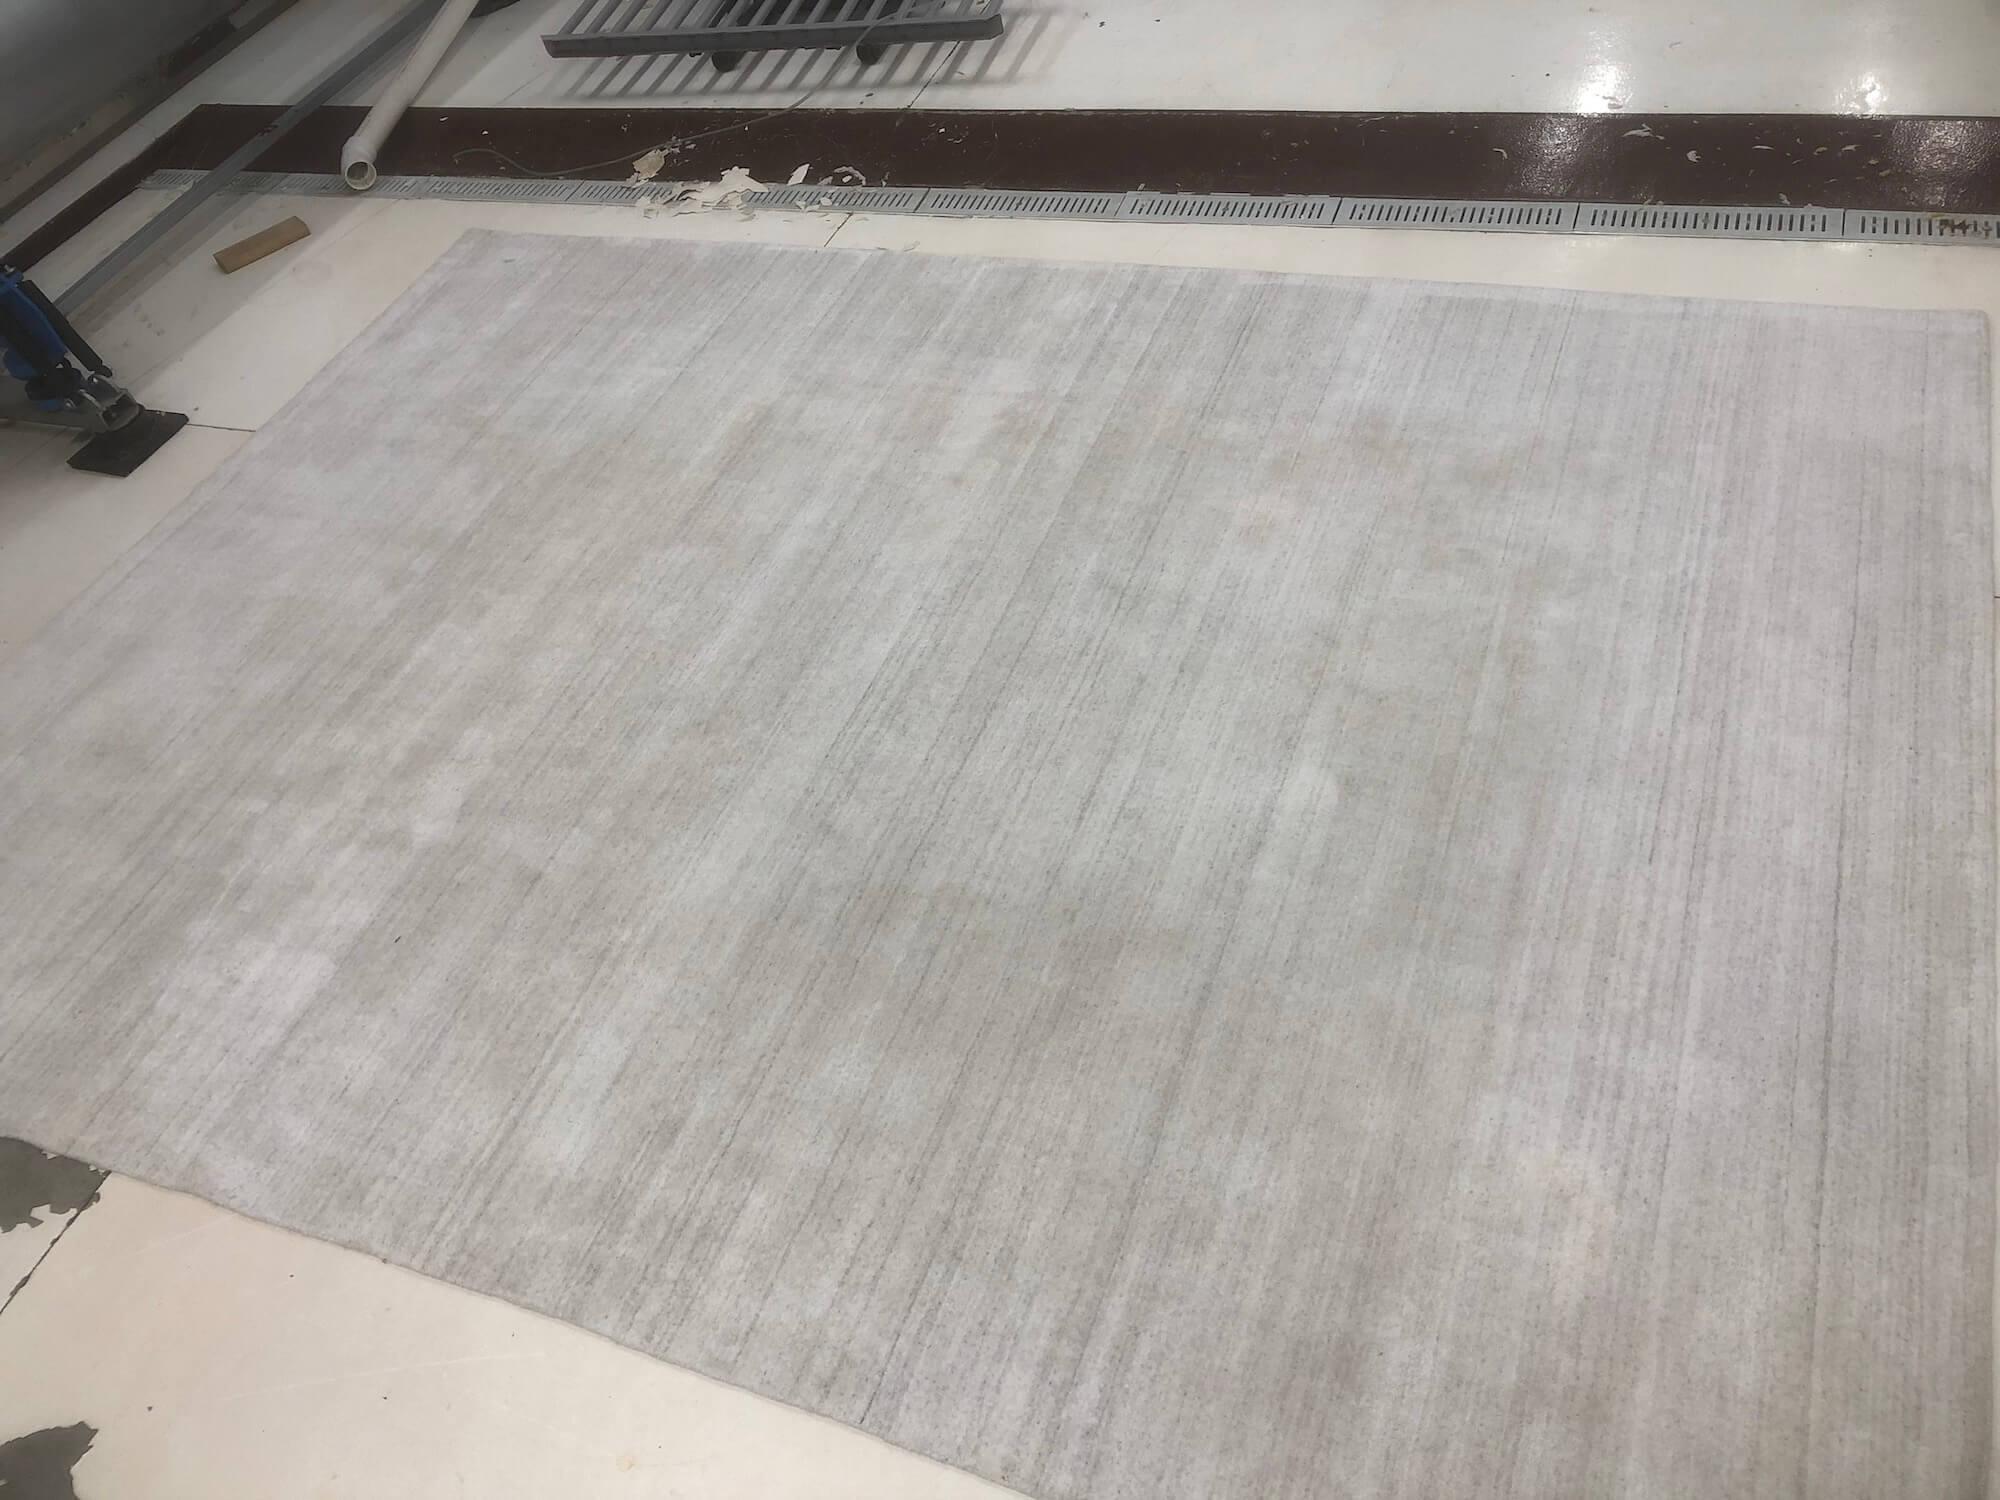 Chem-Dry Cleaned Rug